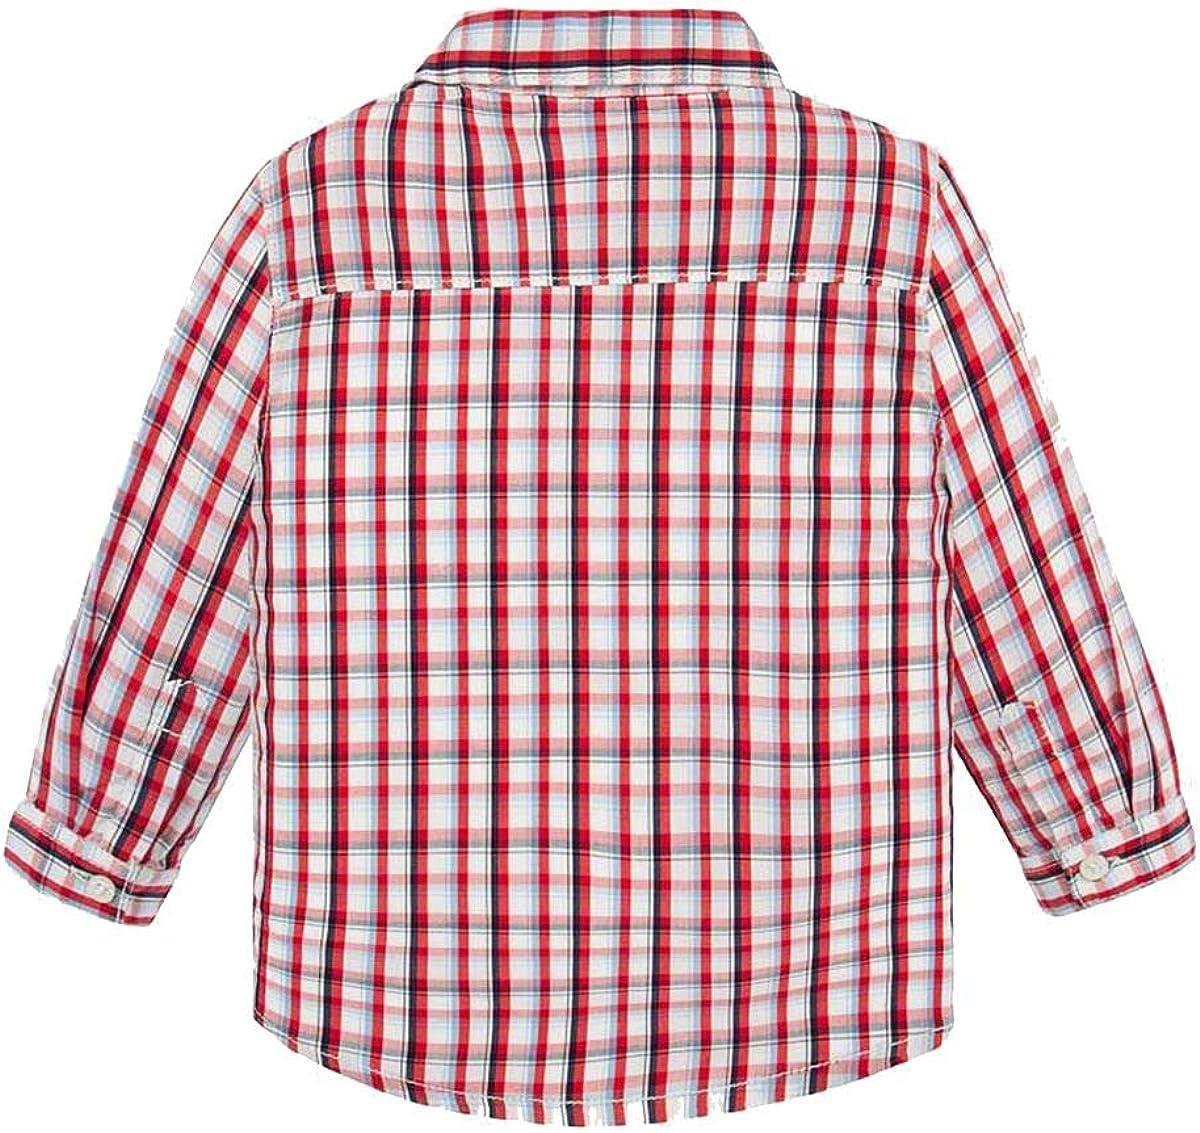 Mayoral - Camisa de cuadros para niña: Amazon.es: Ropa y accesorios